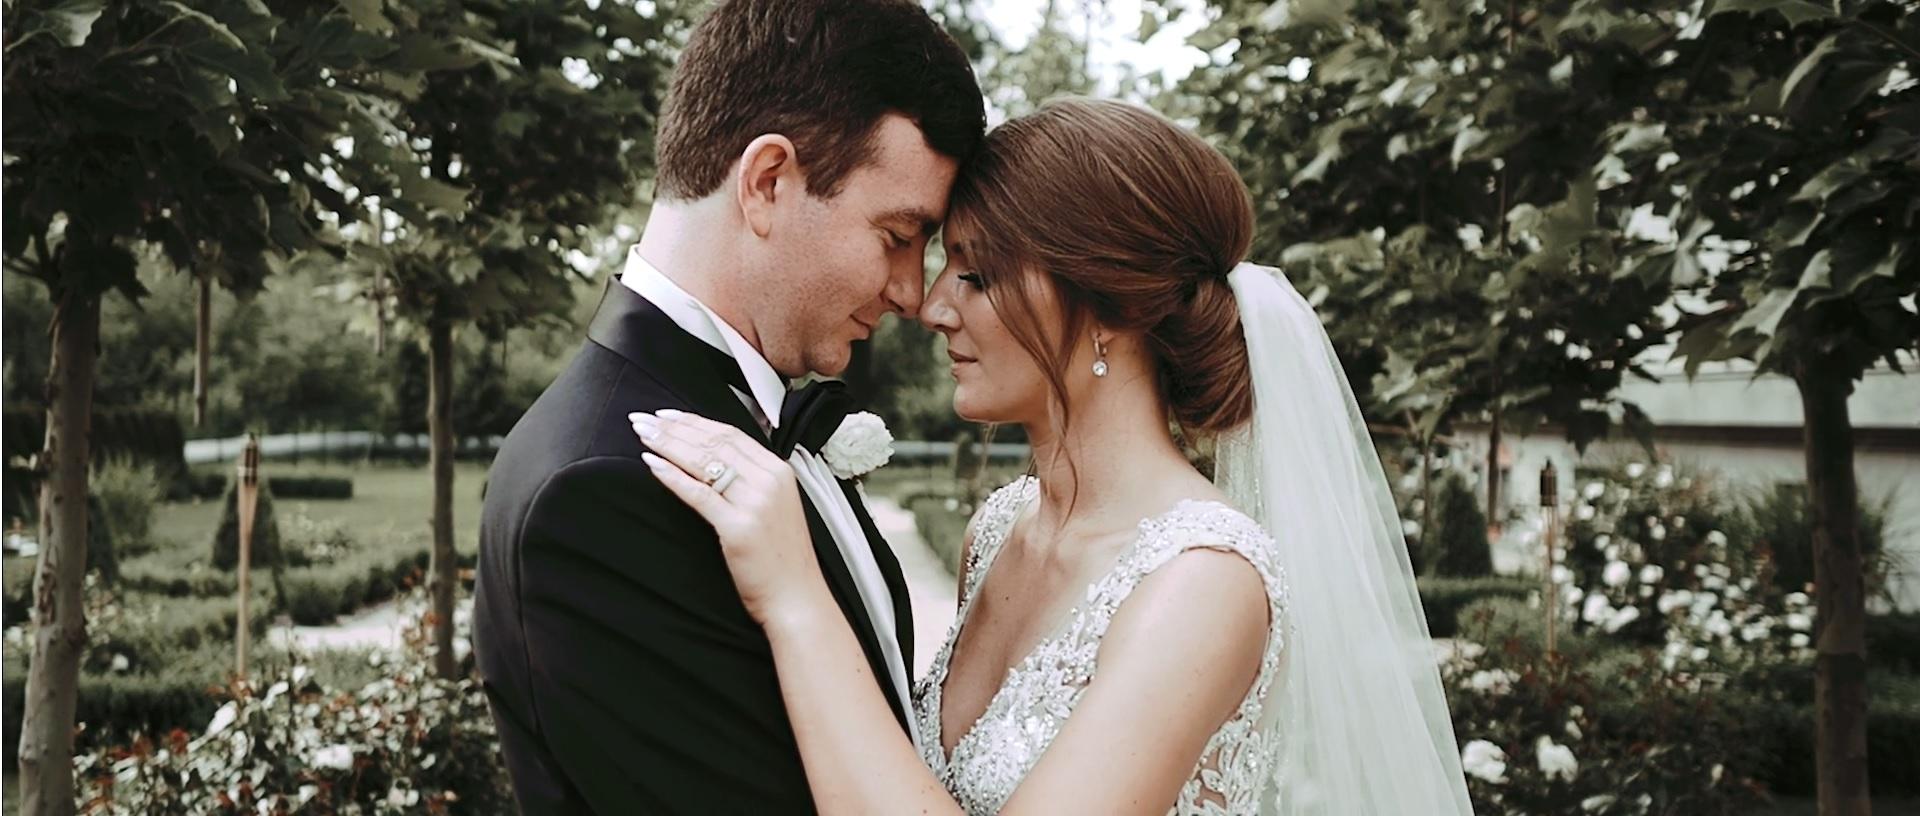 film ślubny kamerzysta teledysk ślubny